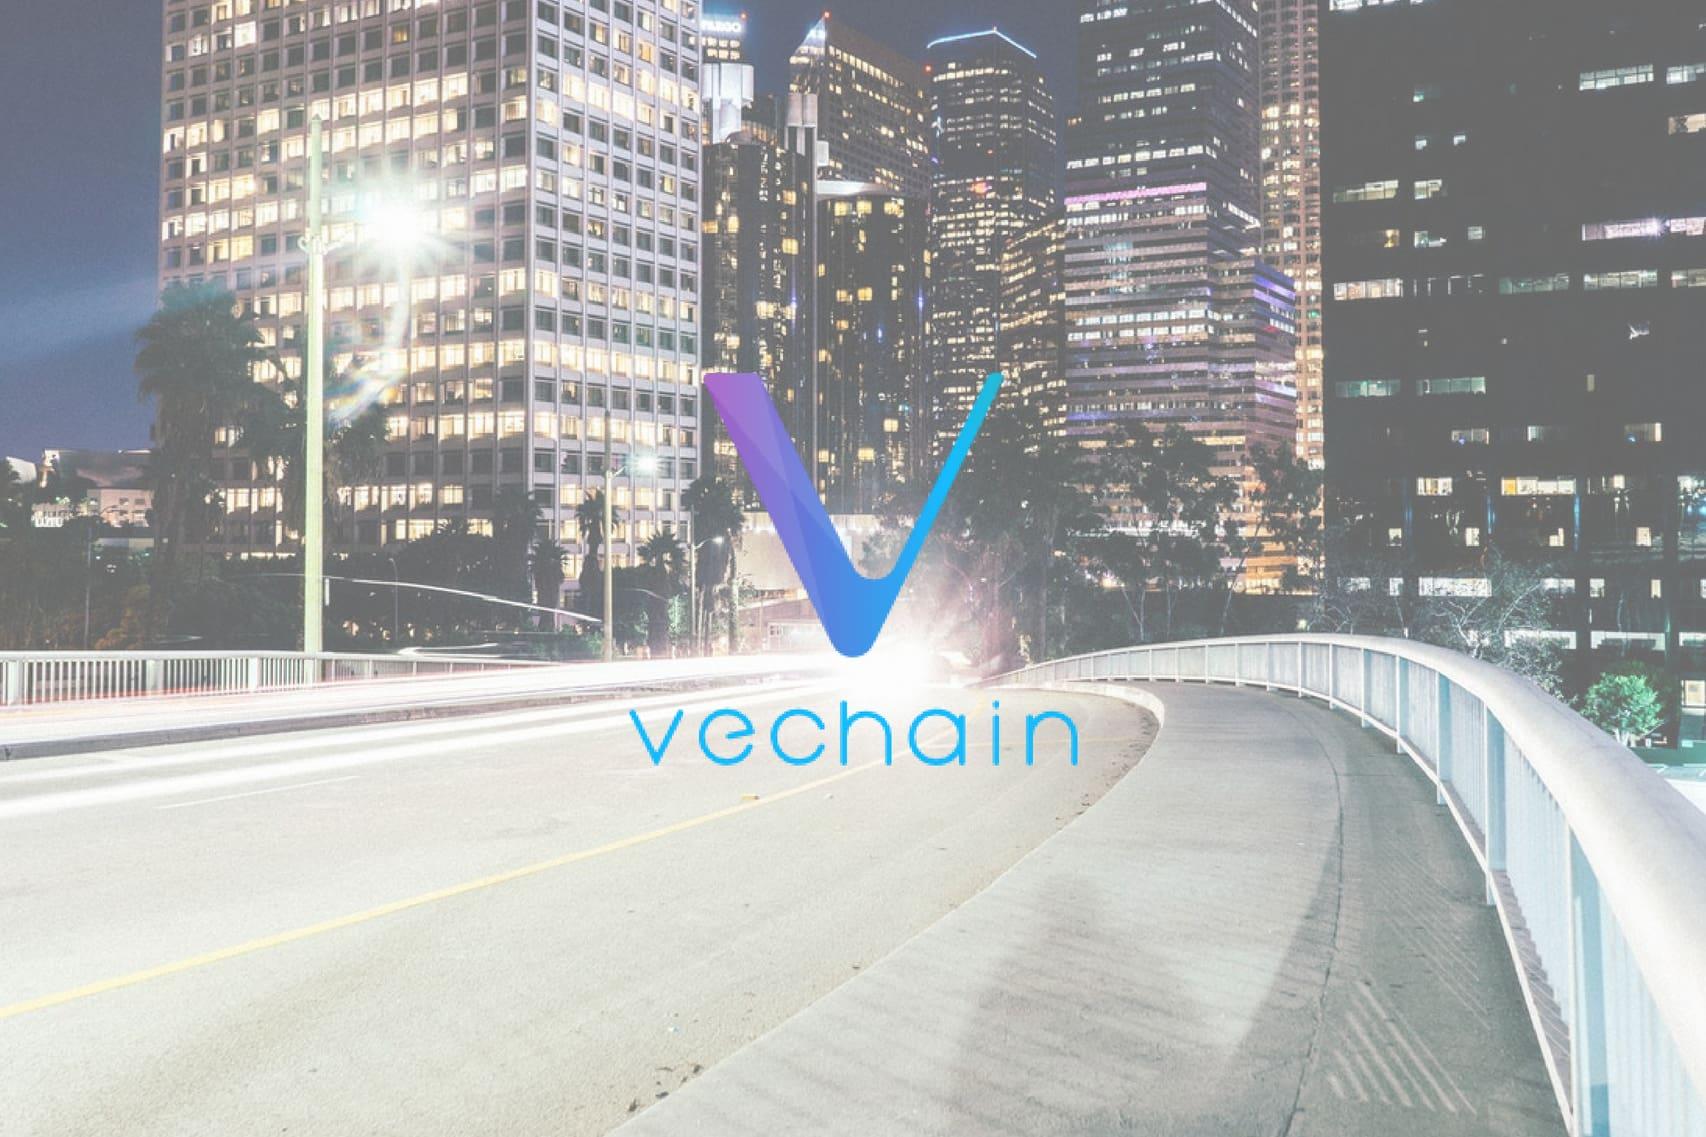 VeChain Whitepaper Highlights